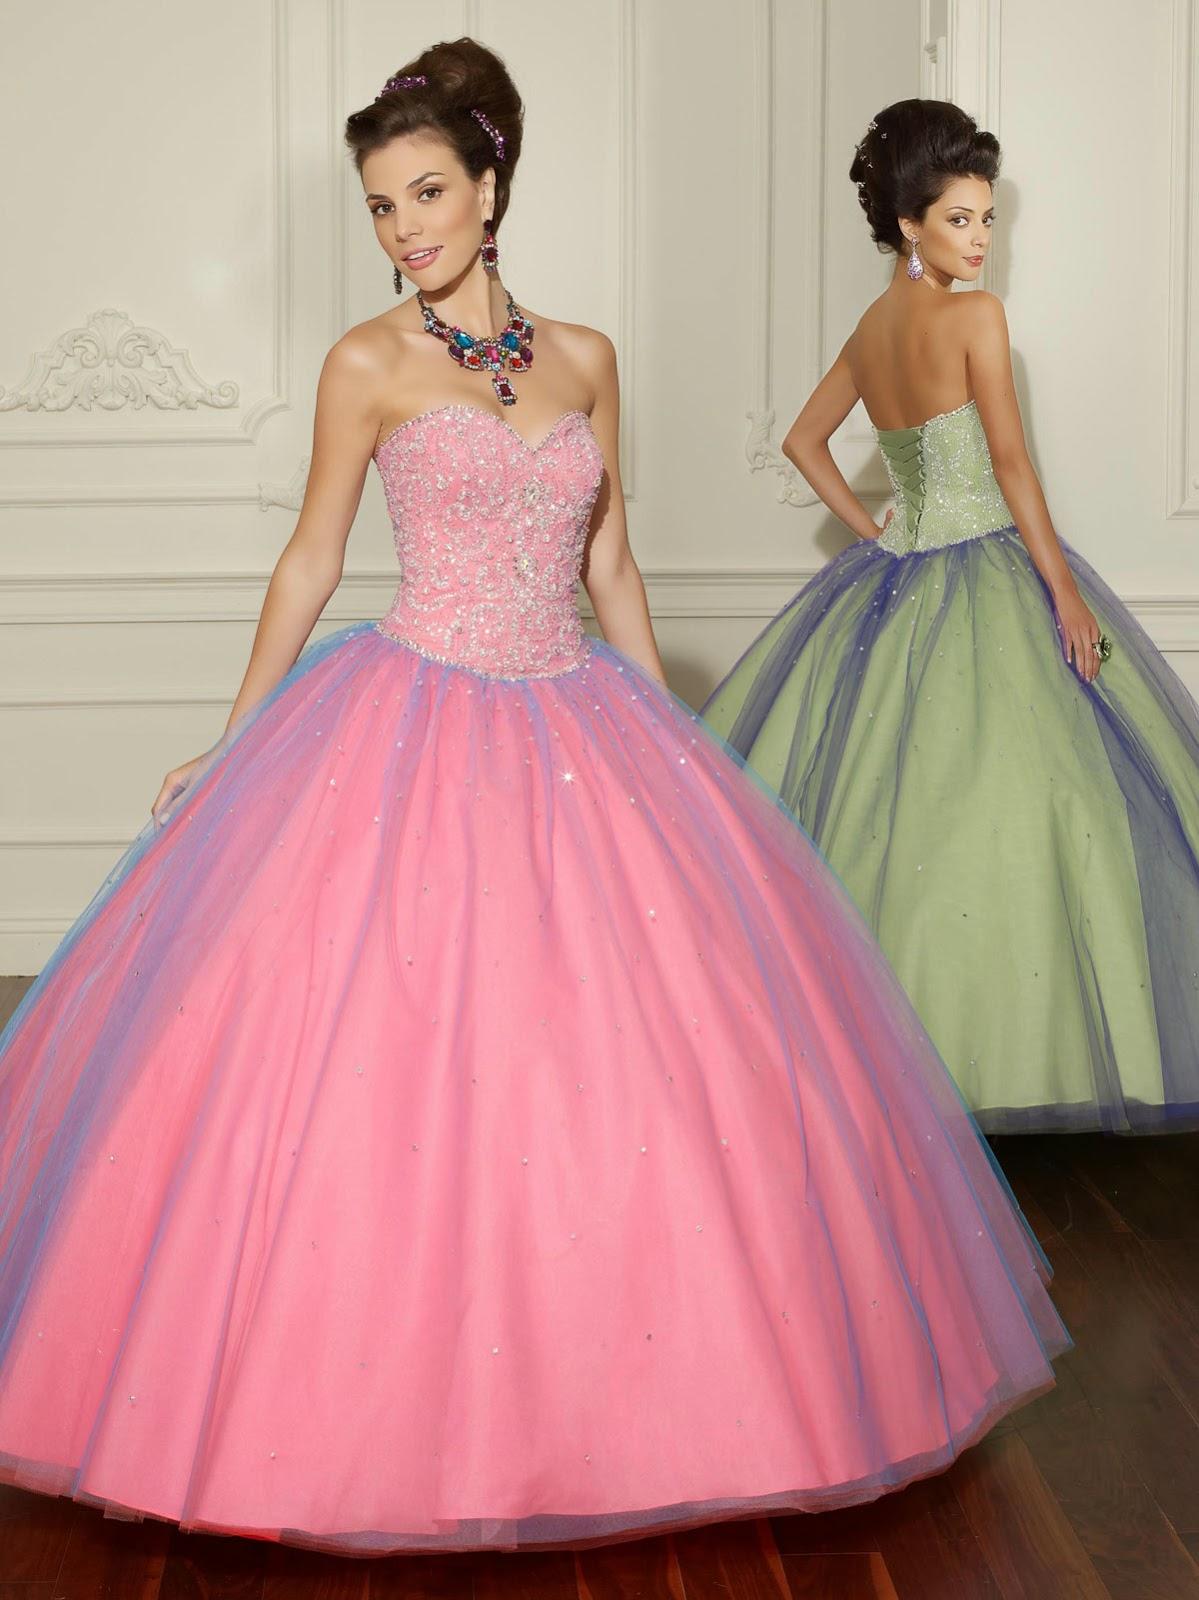 Moda&Novedades.: Asombrosos vestidos de 15 años corte tradicional ...